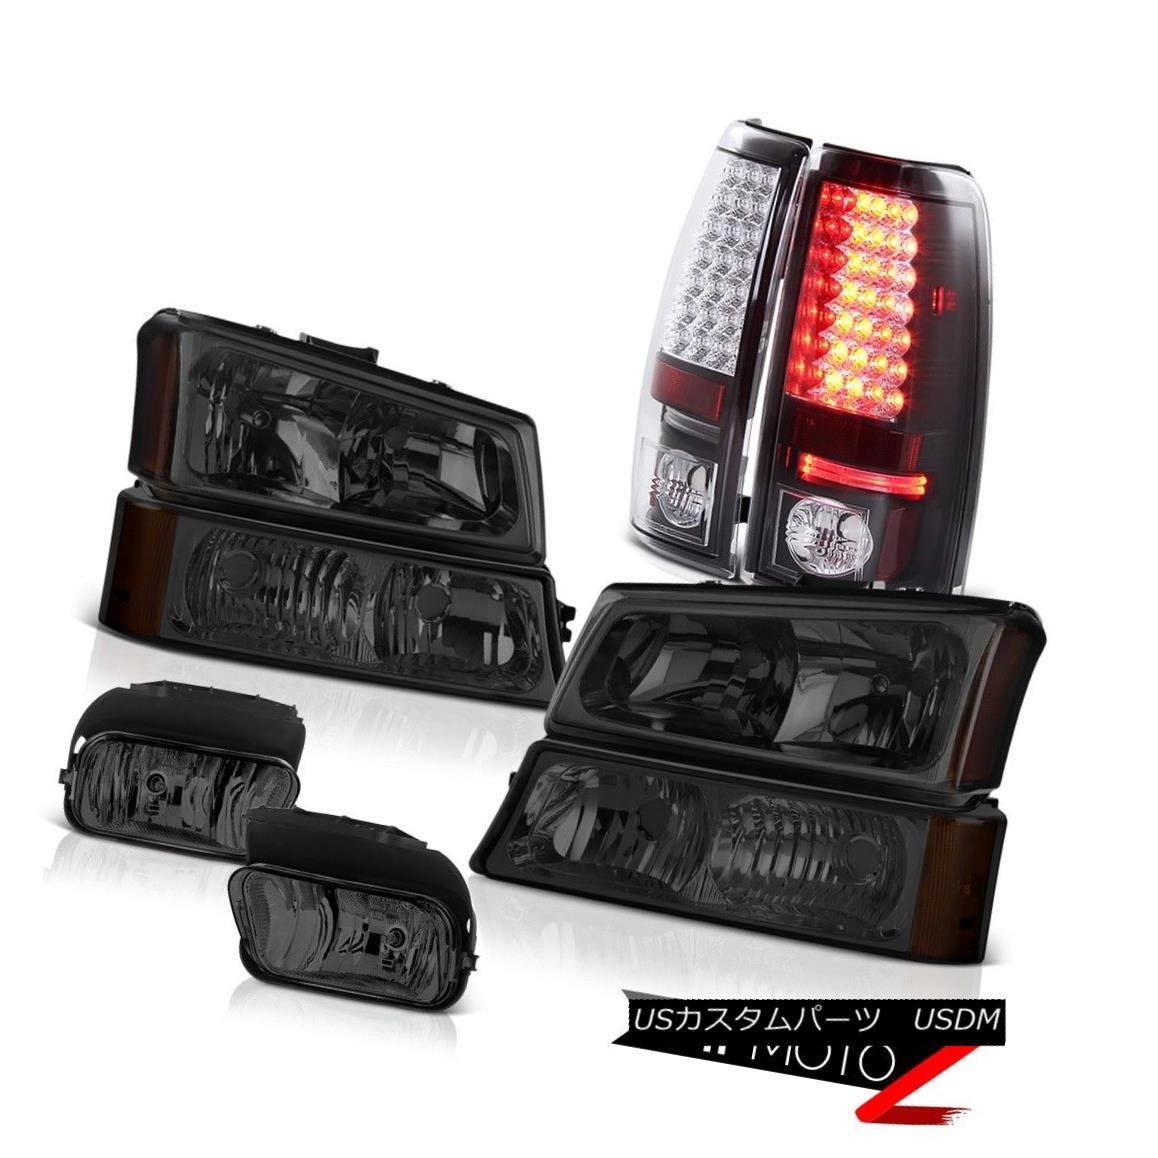 テールライト 03-06 Silverado DuraMax 6.6L Parking Signal Headlight Matte Black Tail Light Fog 03-06 Silverado DuraMax 6.6Lパーキングシグナルヘッドライトマットブラックテールライトフォグ